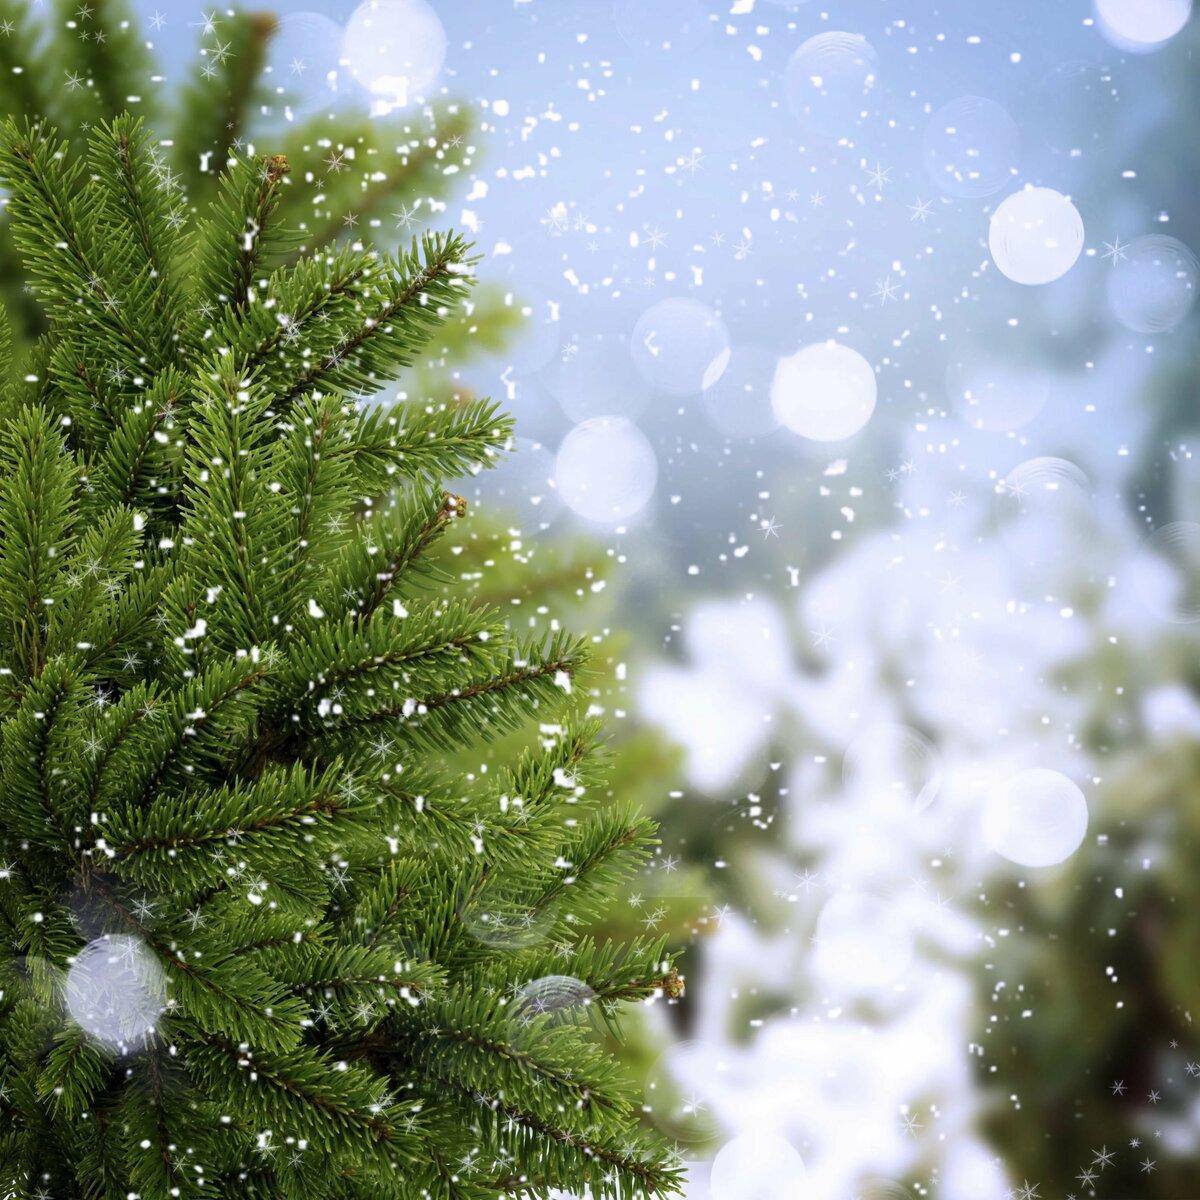 картинки на рабочий стол снег на елках паводковой мутной воде